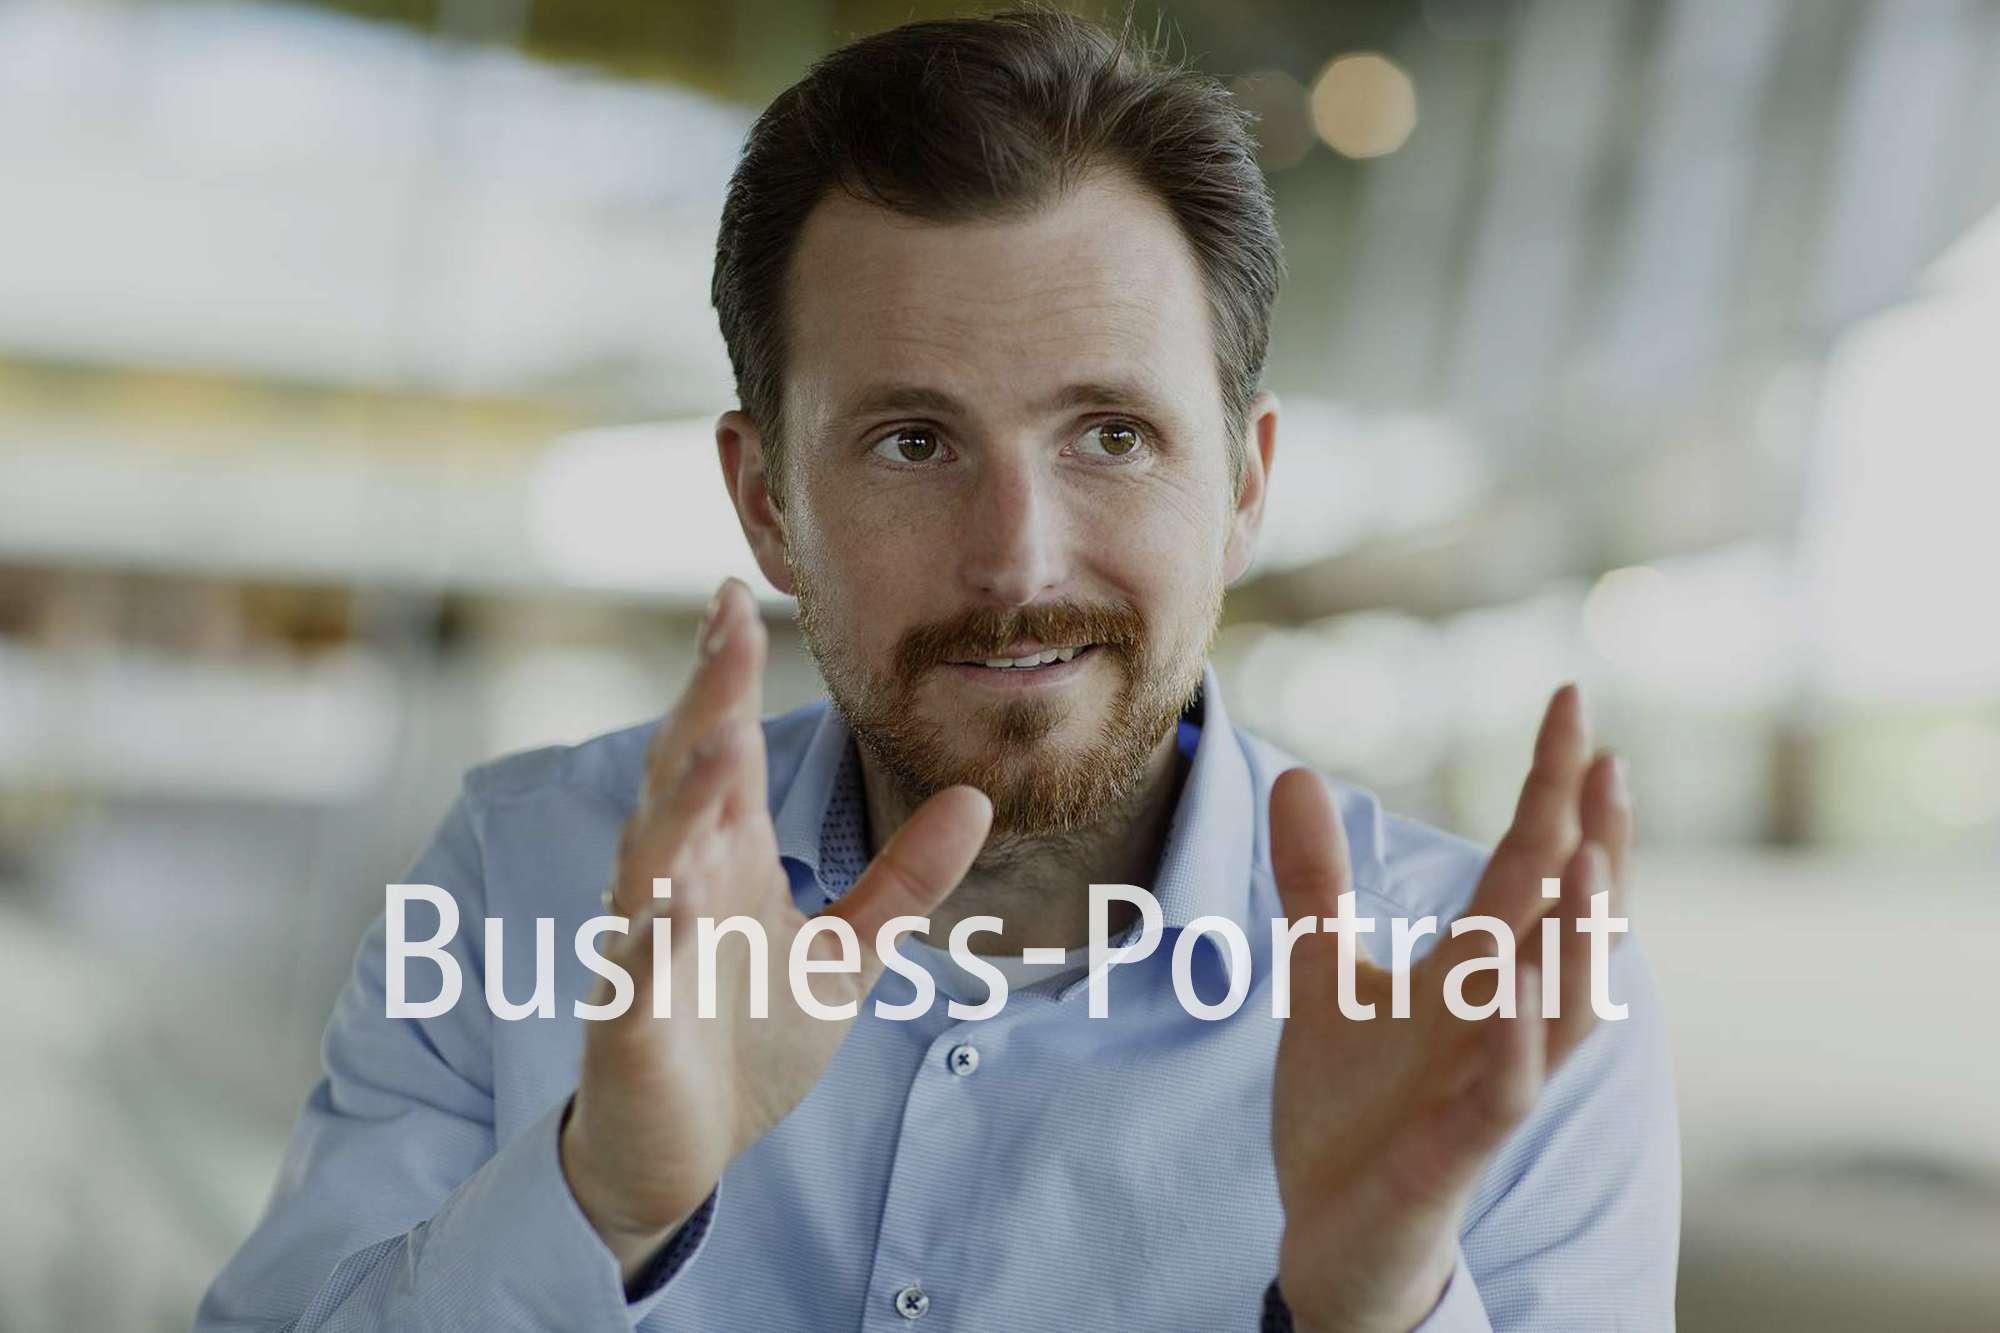 Business-Portrait